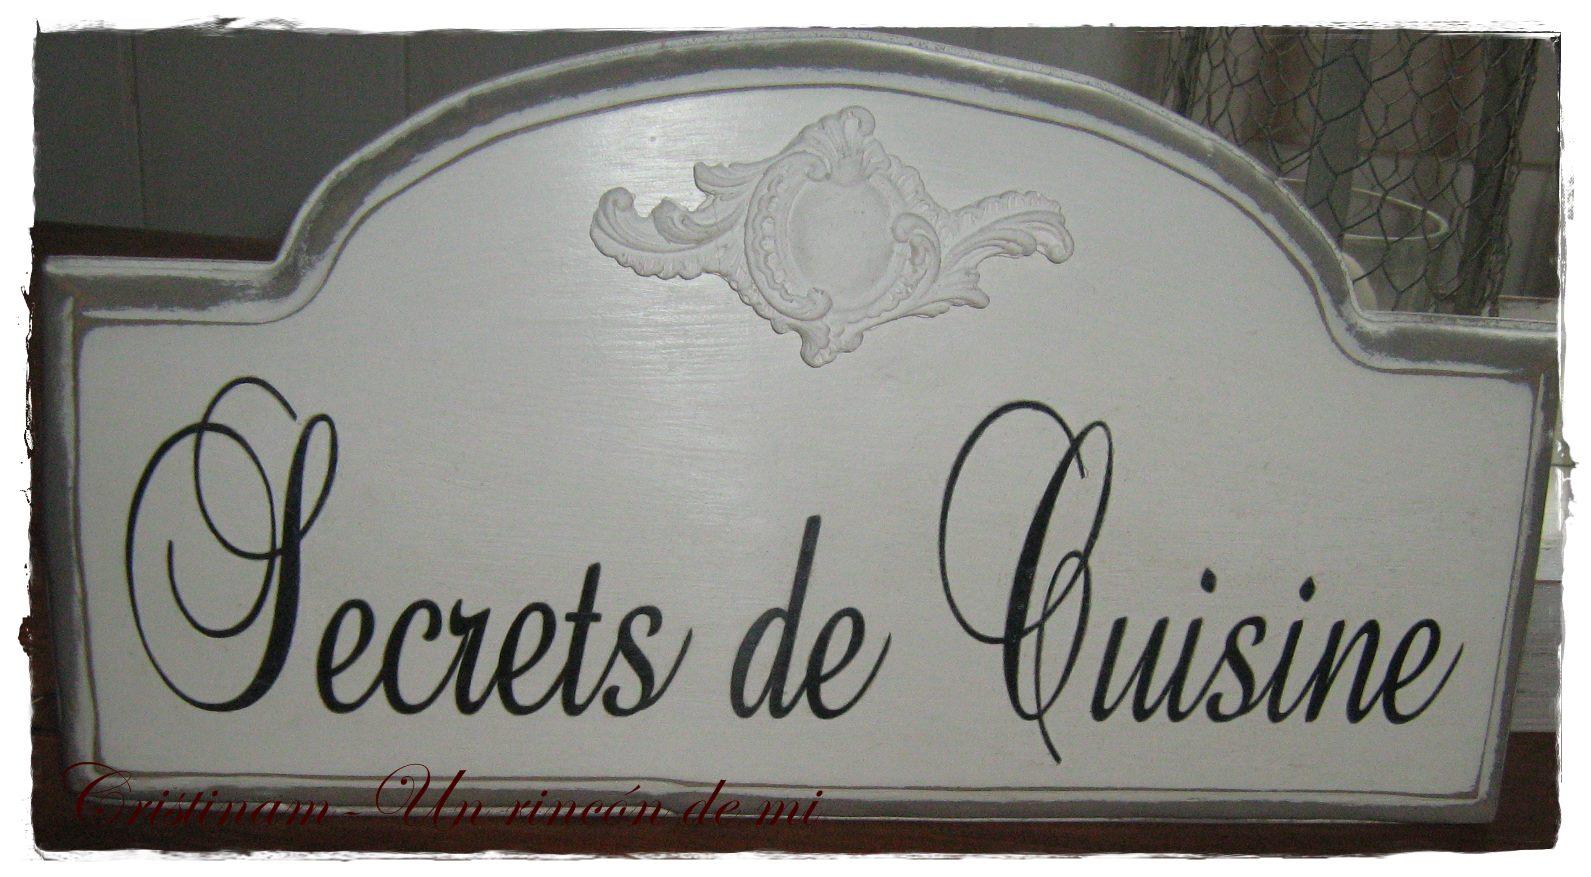 Un rinc n de mi secrets de cuisine for Secrets de cuisine